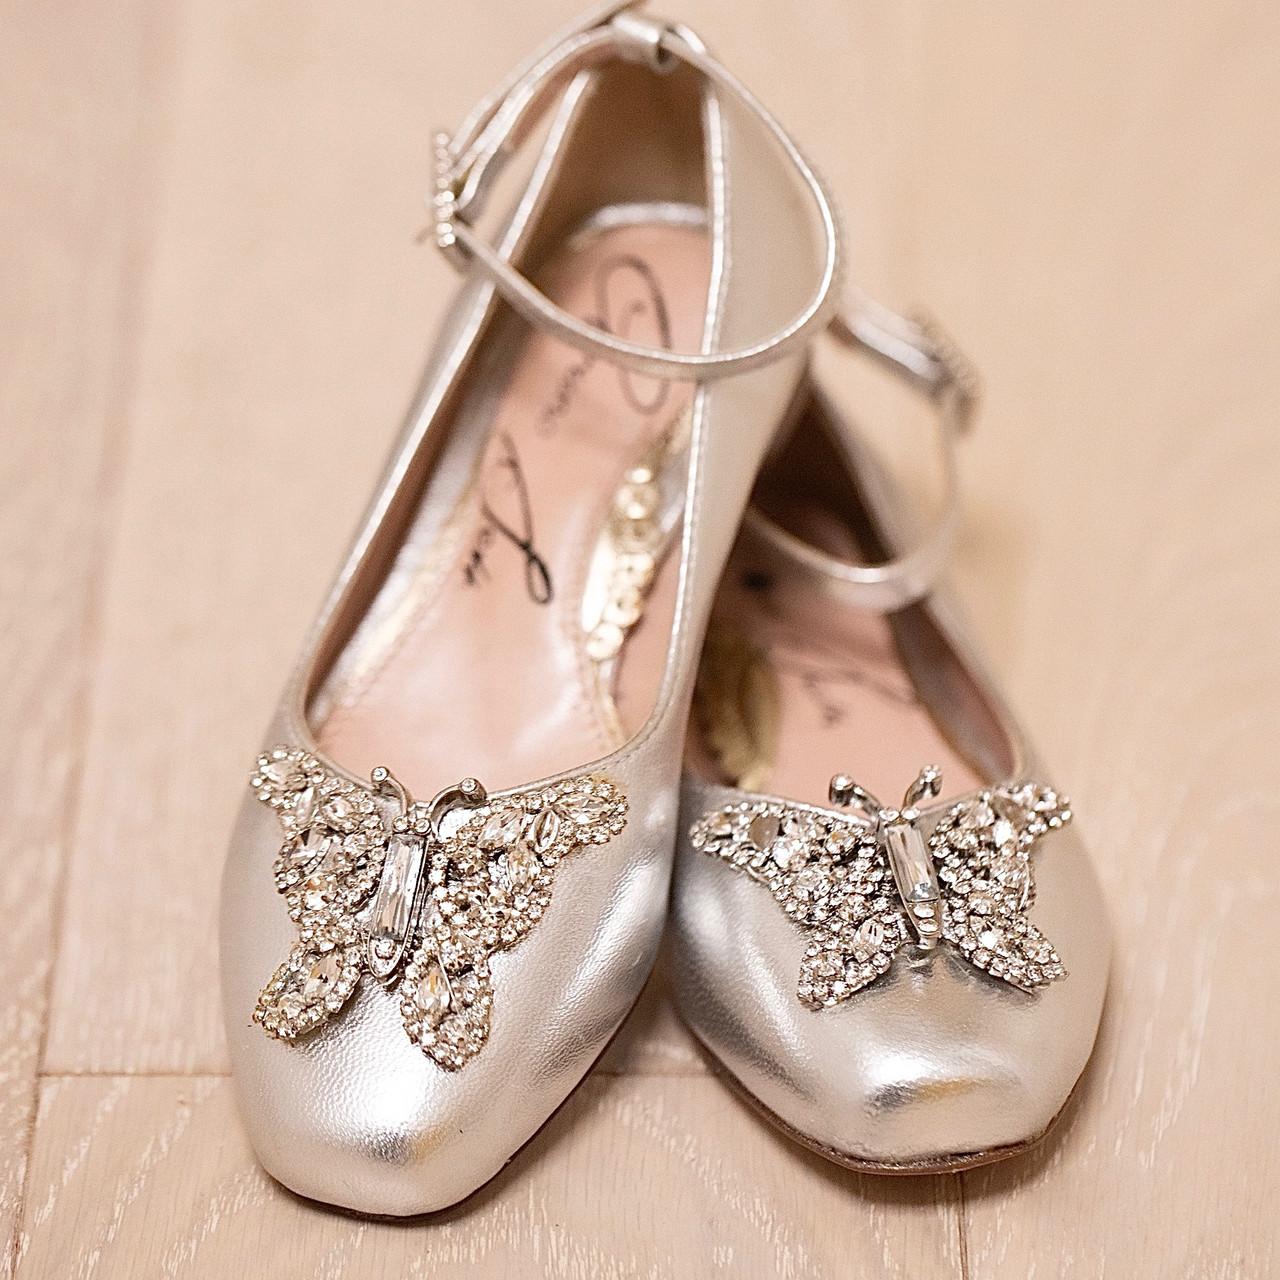 Anais Silver Leather Ballerina